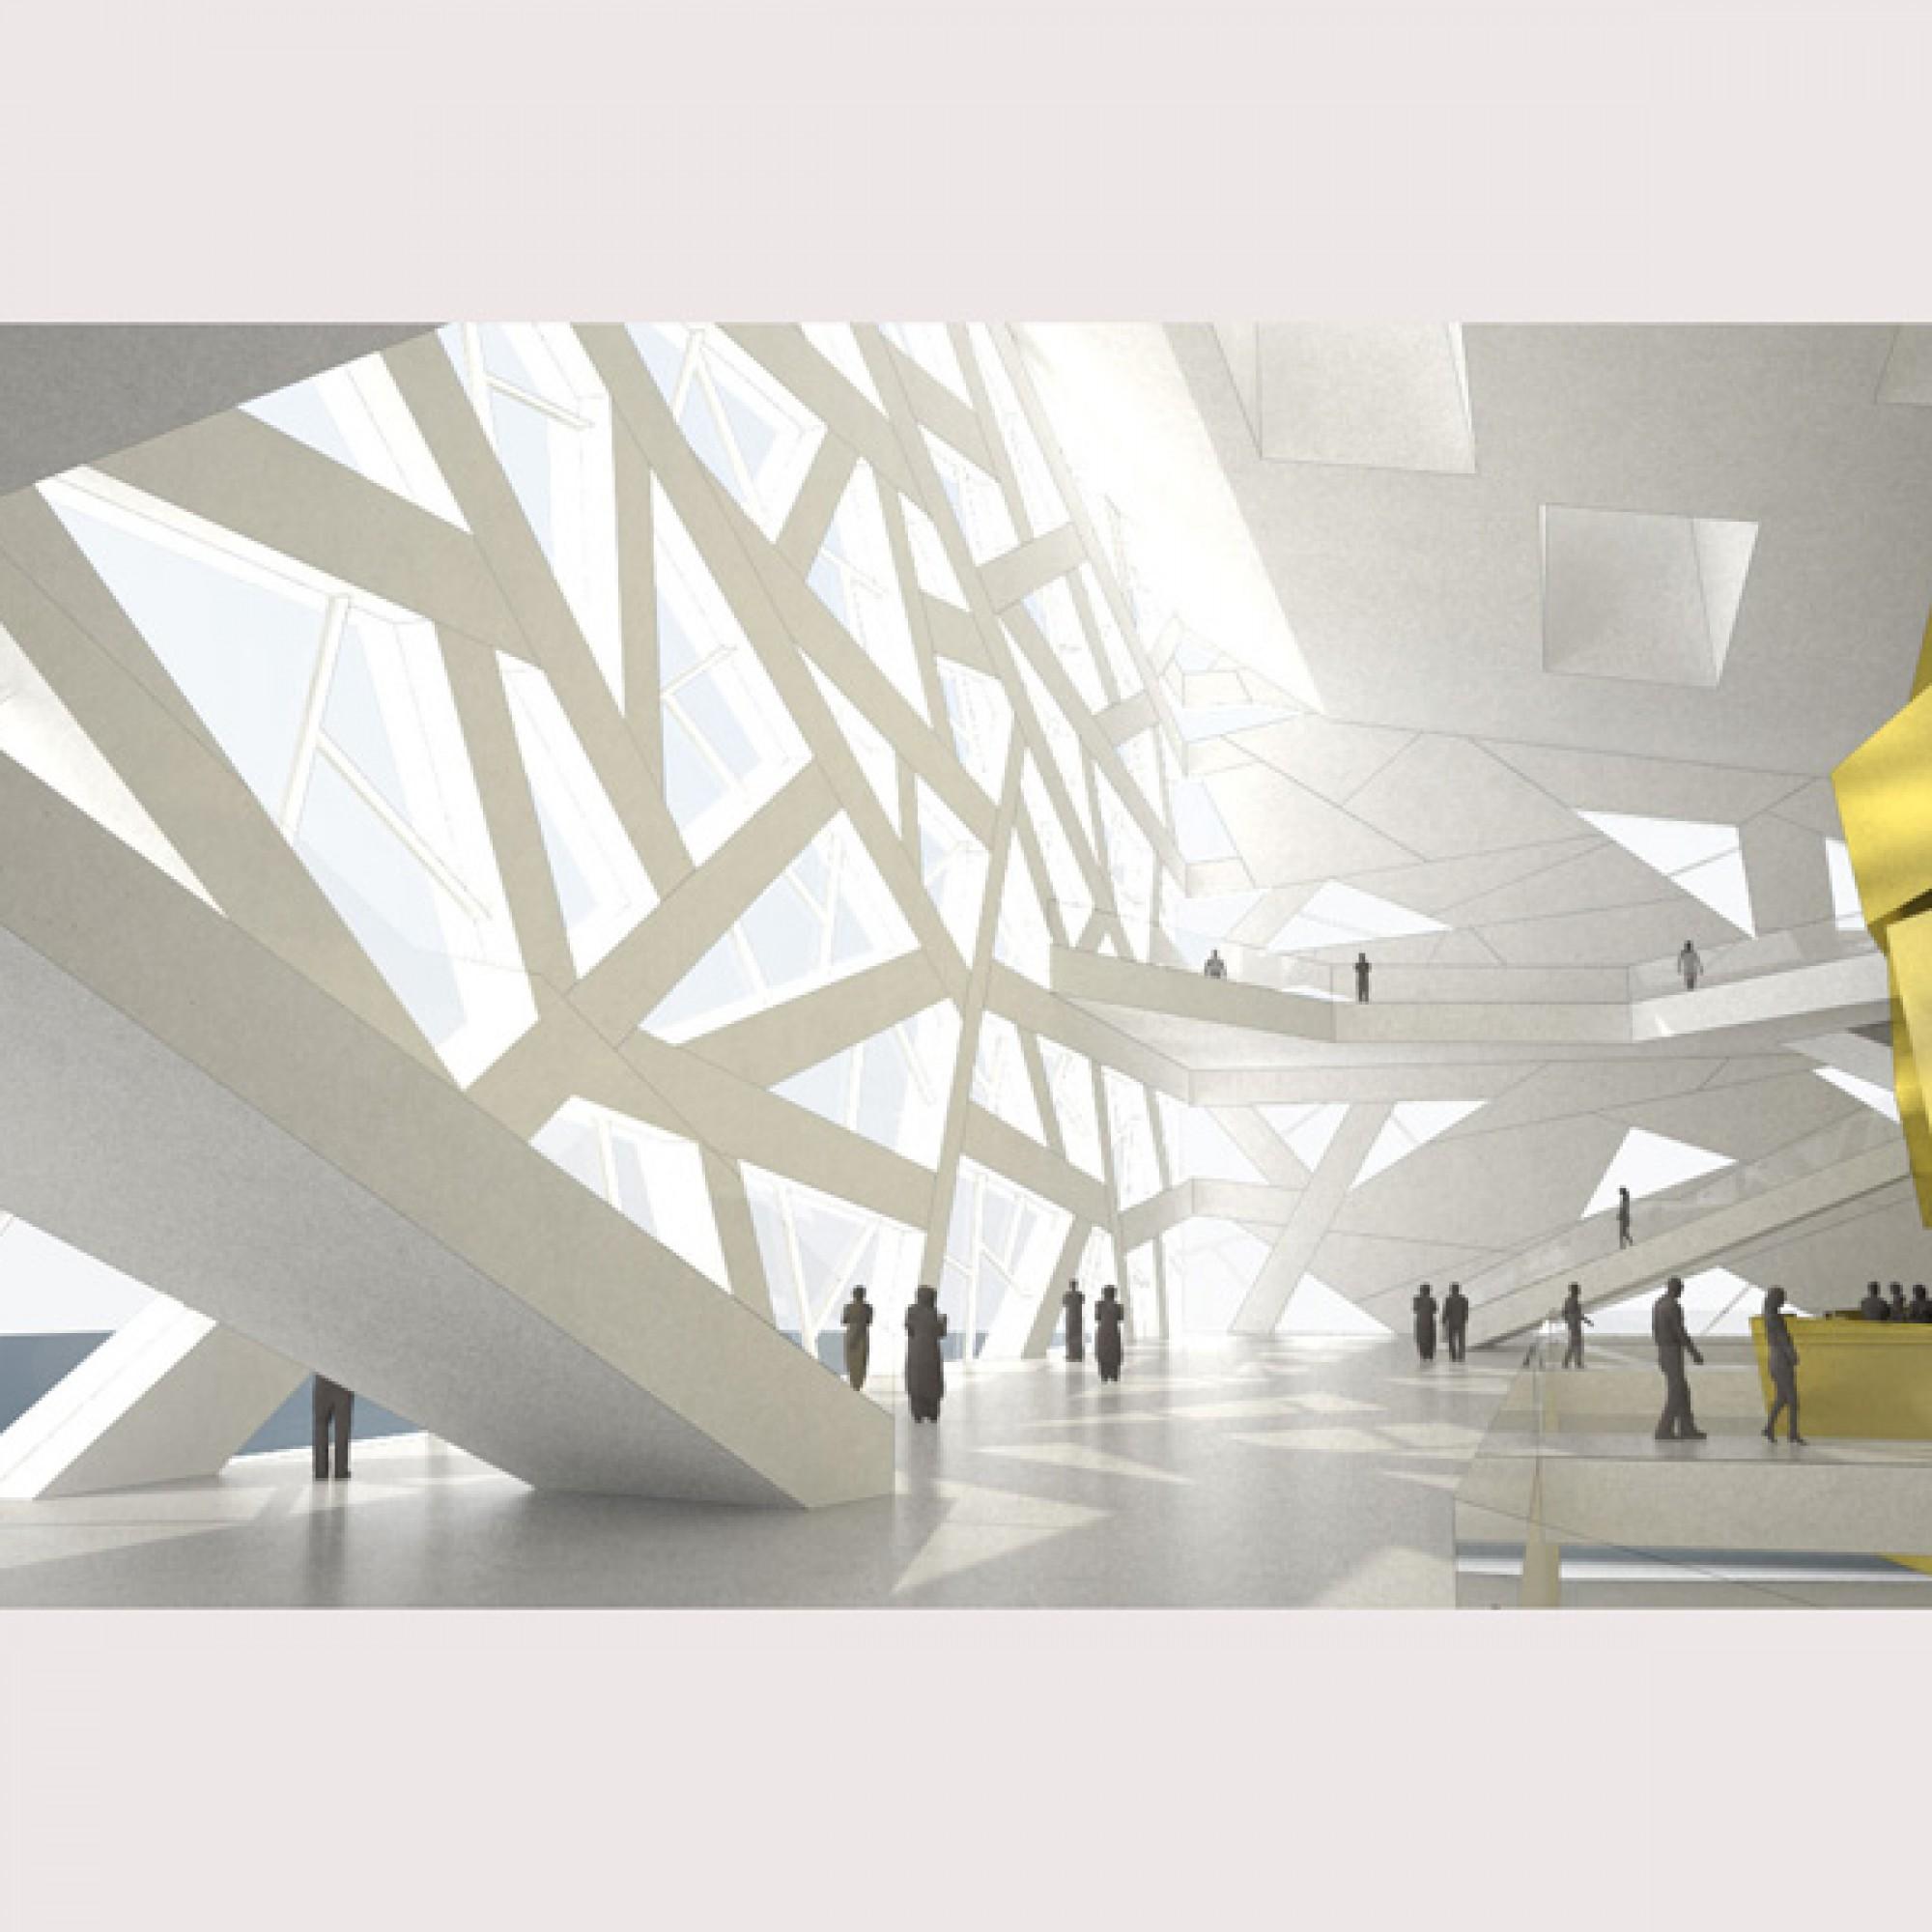 Opernhaus in China, Innenansicht (Henning Larsen Architects)